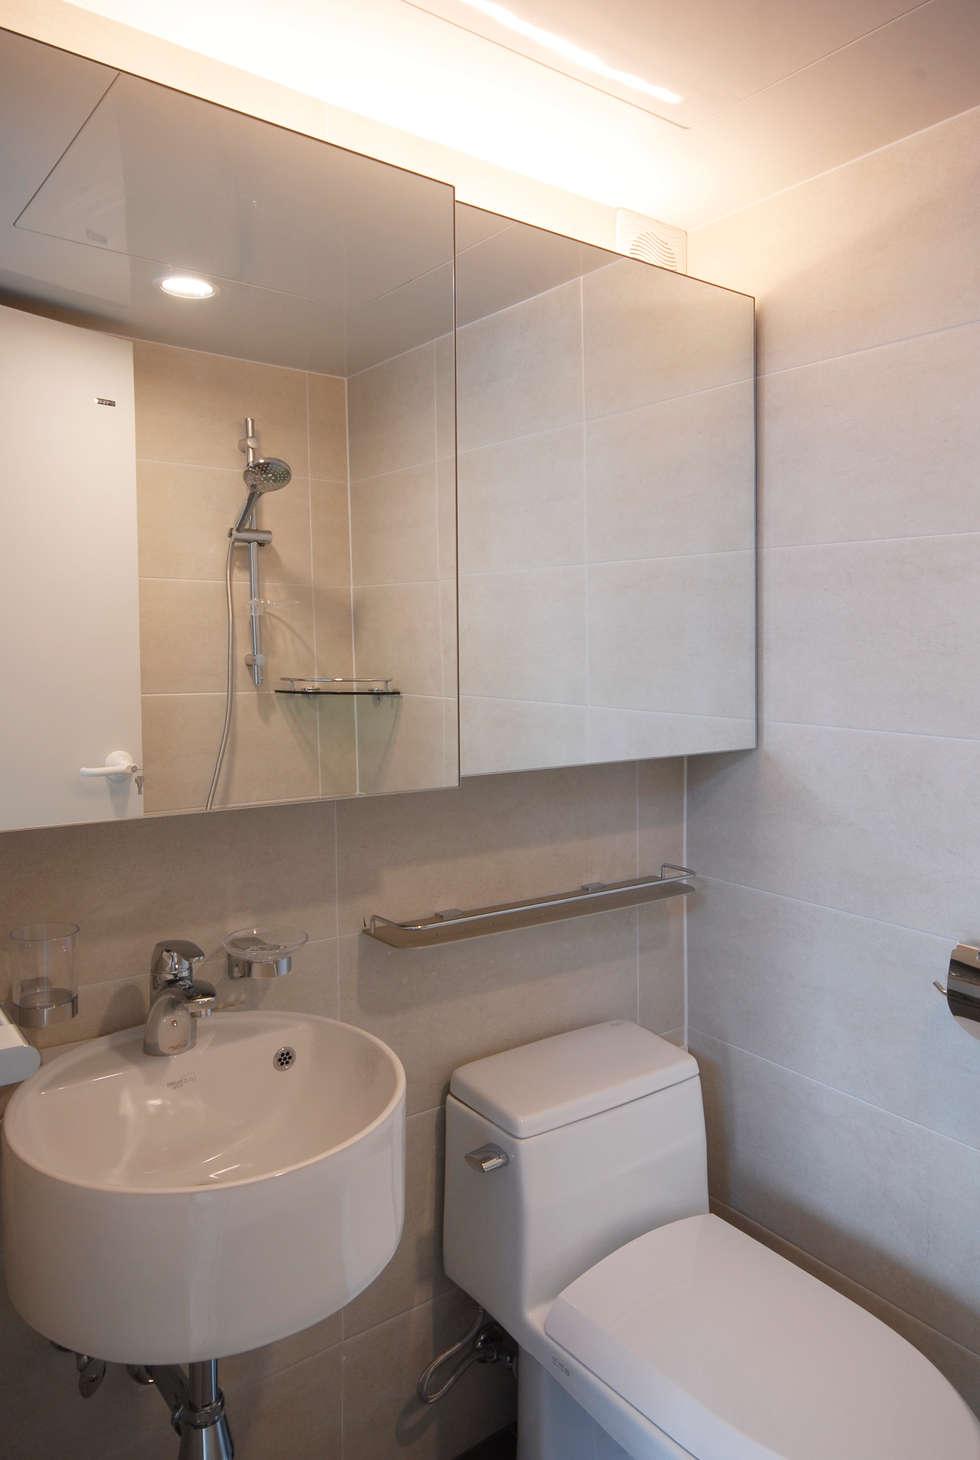 D Apartment (106sqm.): By Seog Be Seog   바이석비석의  화장실